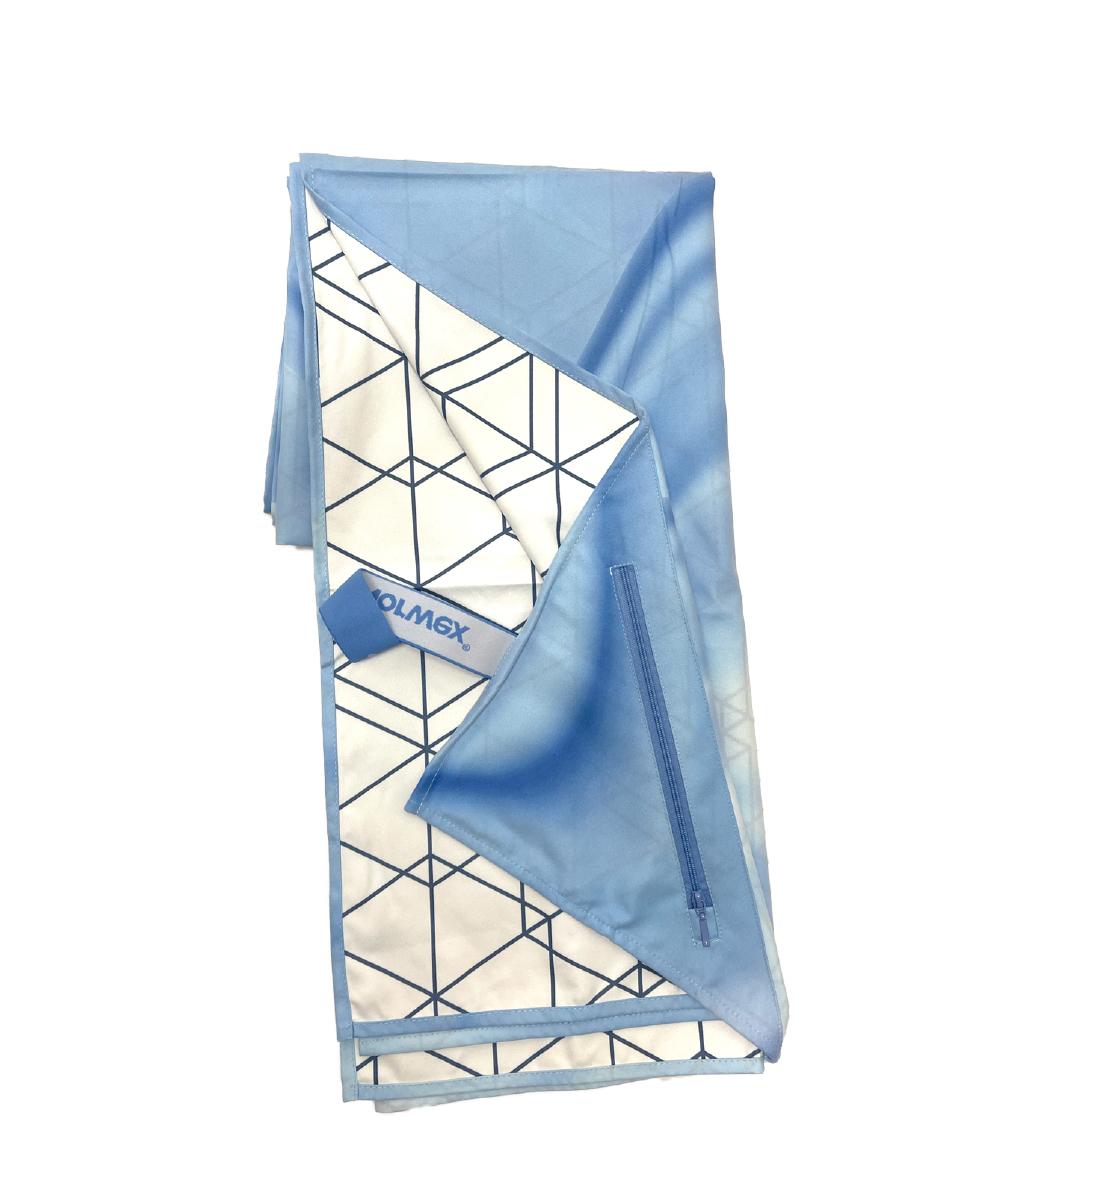 Suede Beach Towel, geo print